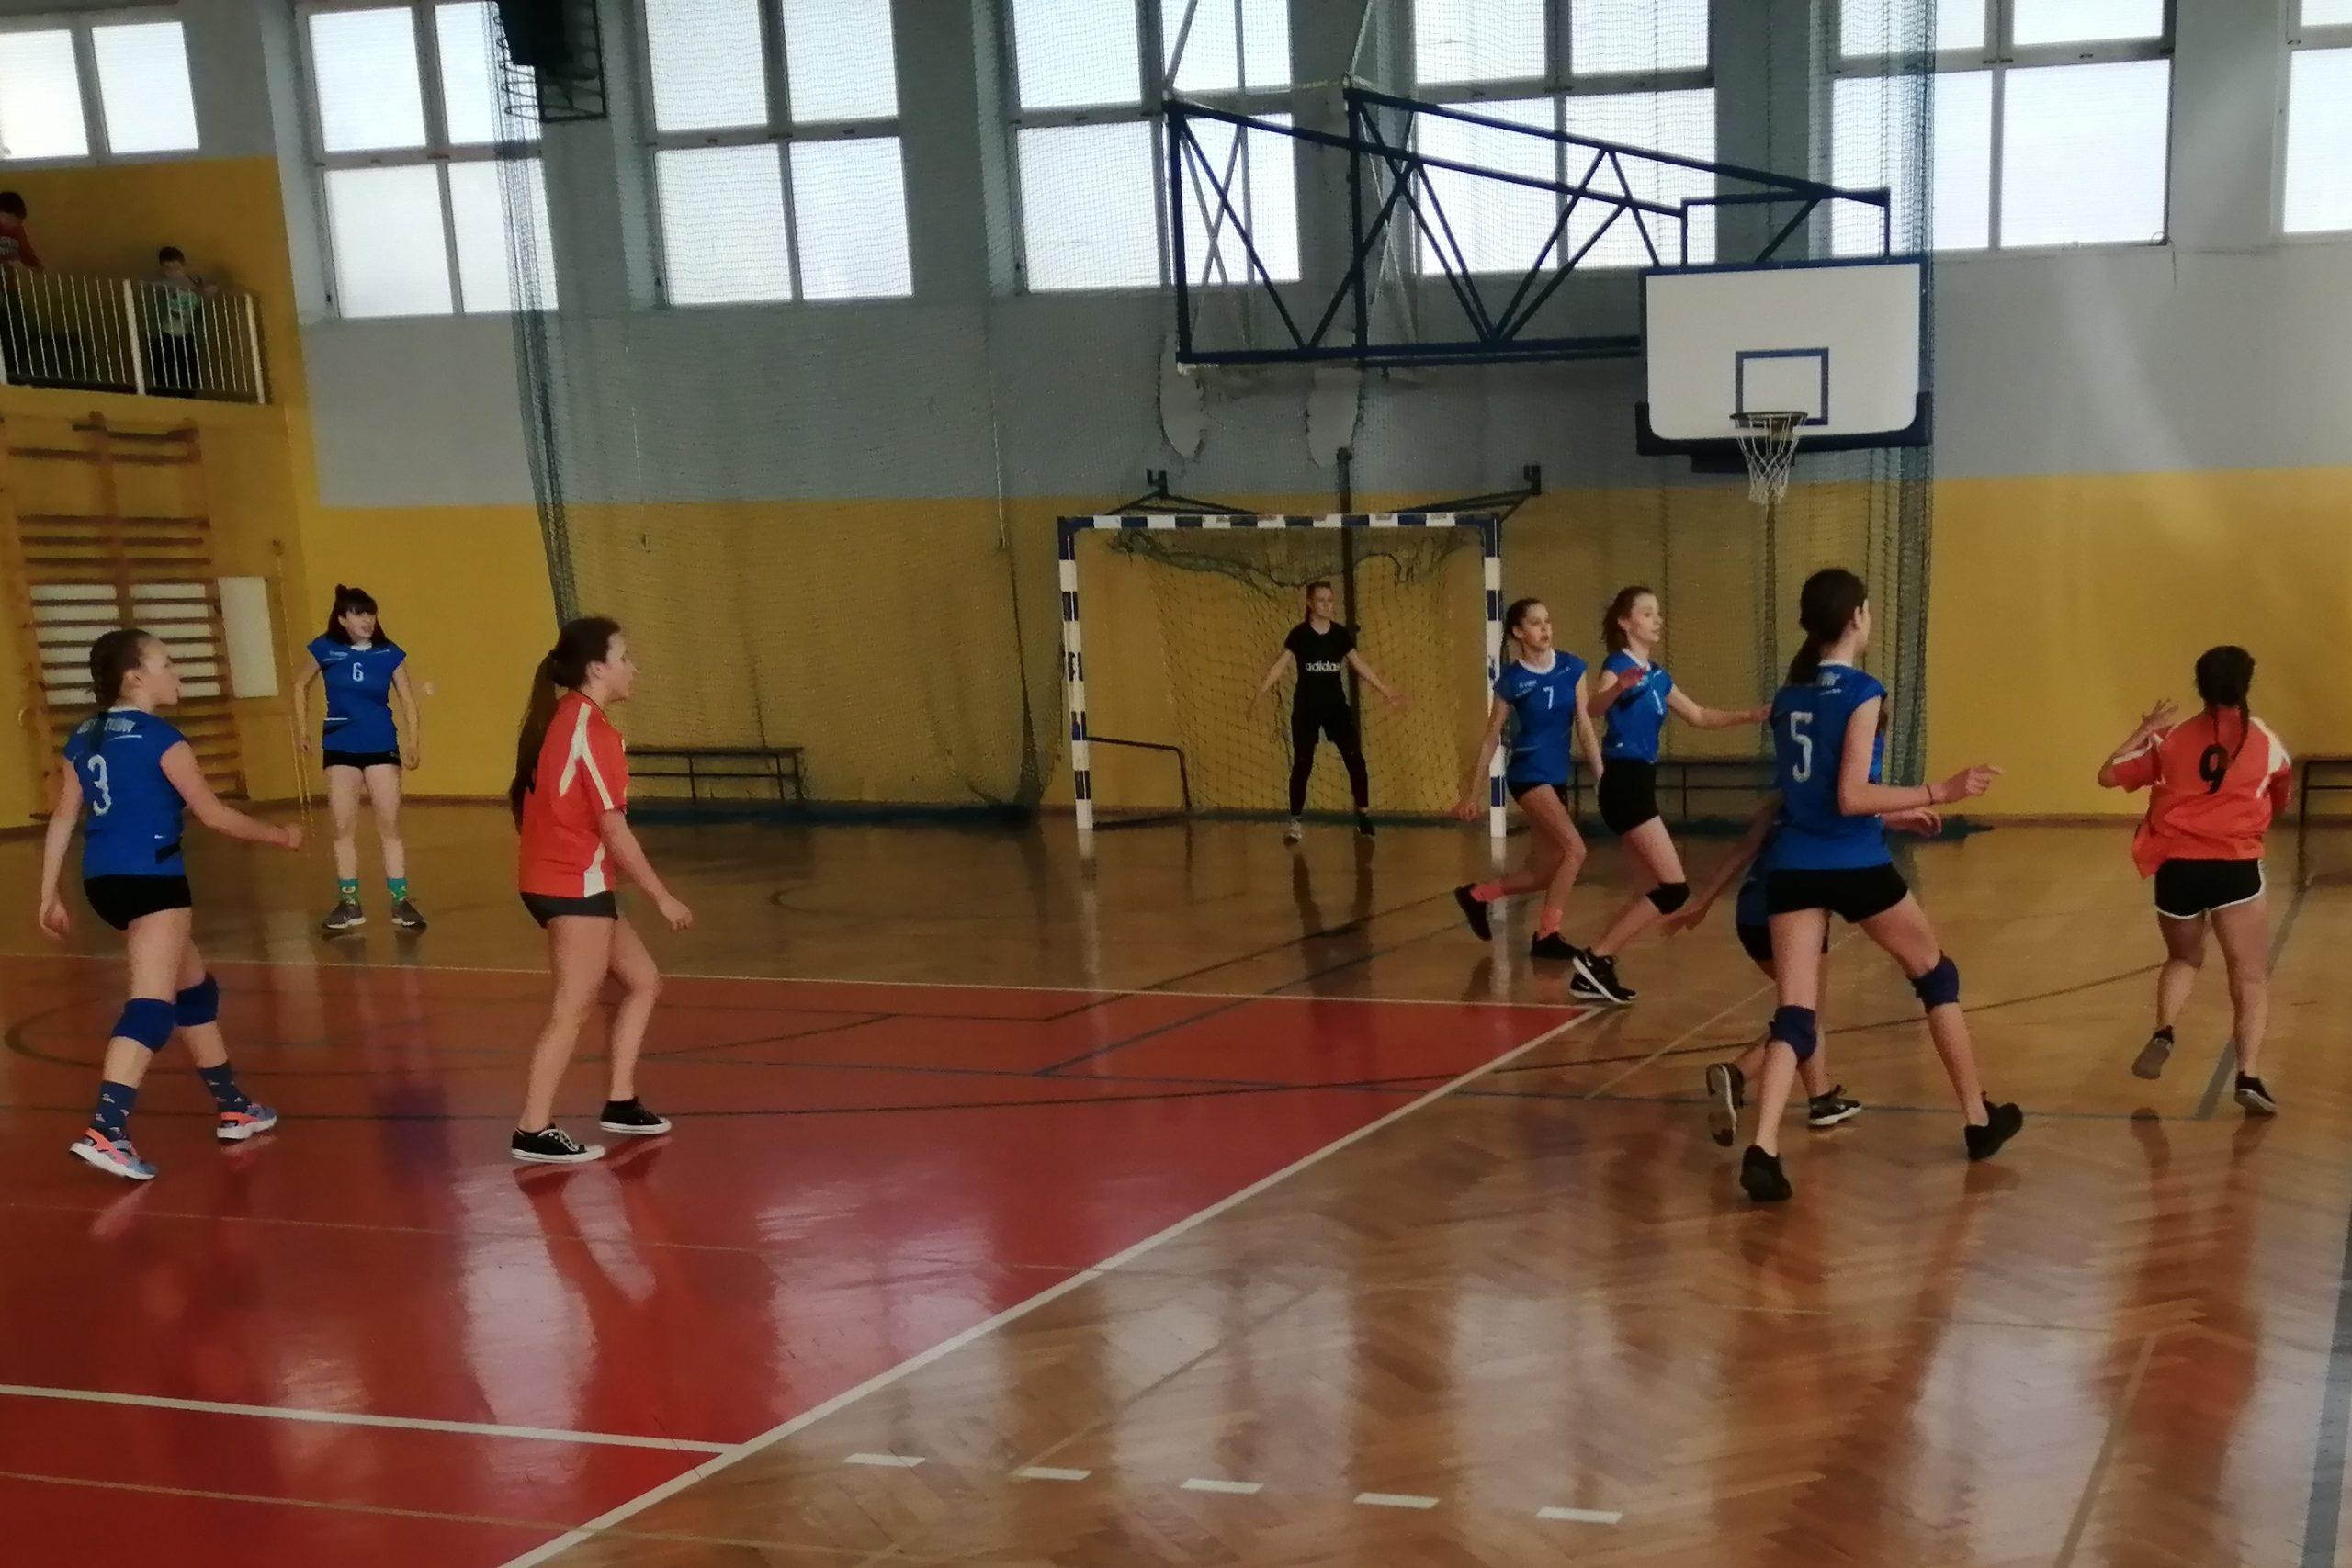 Gminne Igrzyska Młodzieży Szkolnej w piłce ręcznej dziewcząt